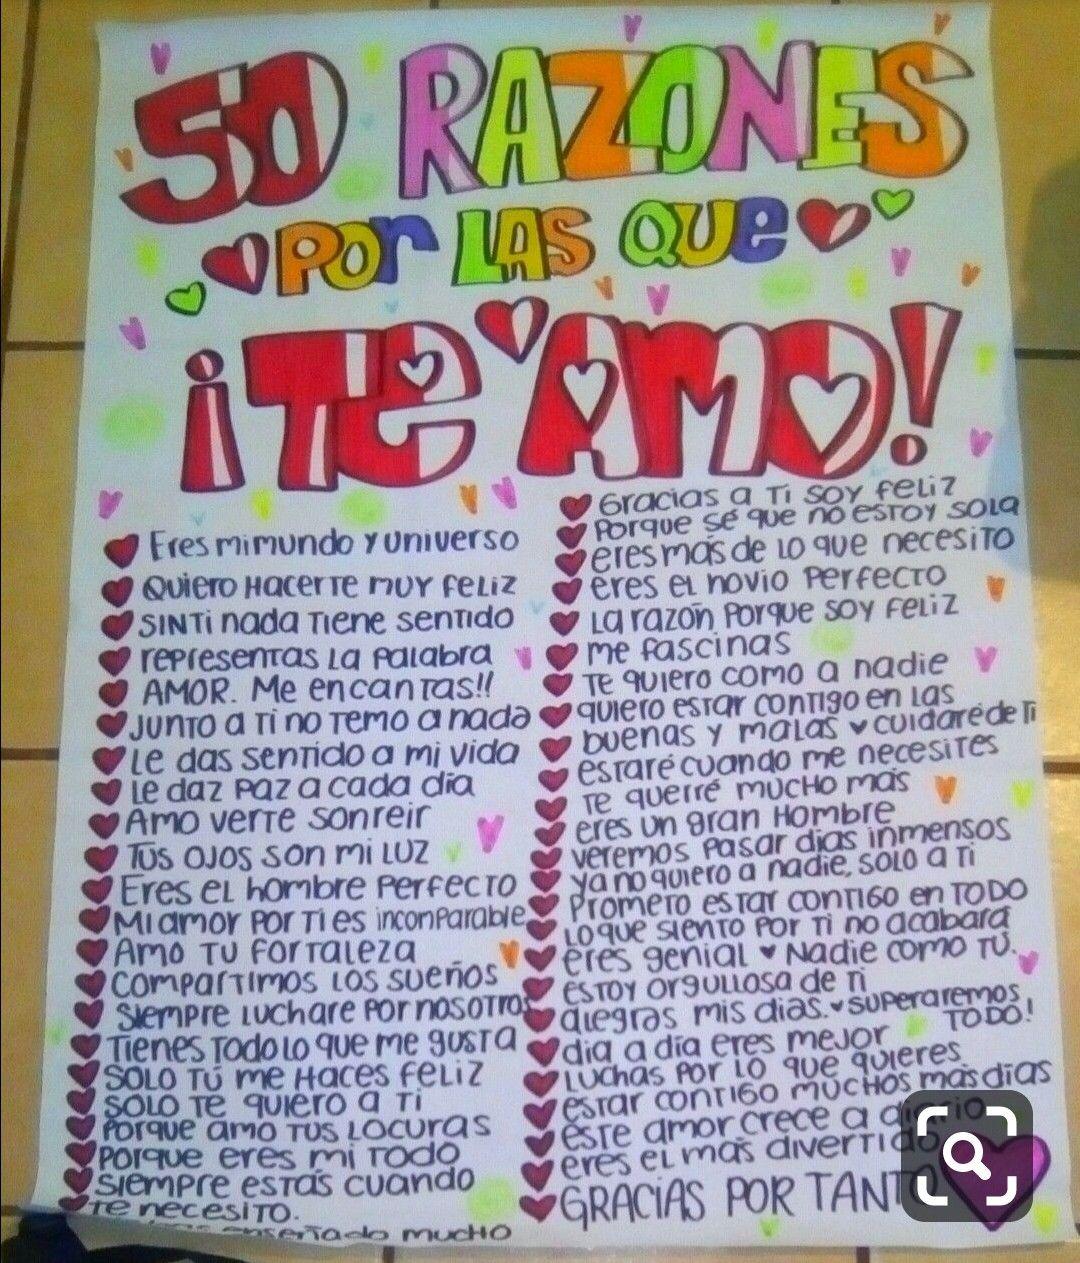 Razones Para Amar A Un Chico Regalos Para Mi Novio Regalos Bonitos Para Mi Novio Carta De Amor Manualidades